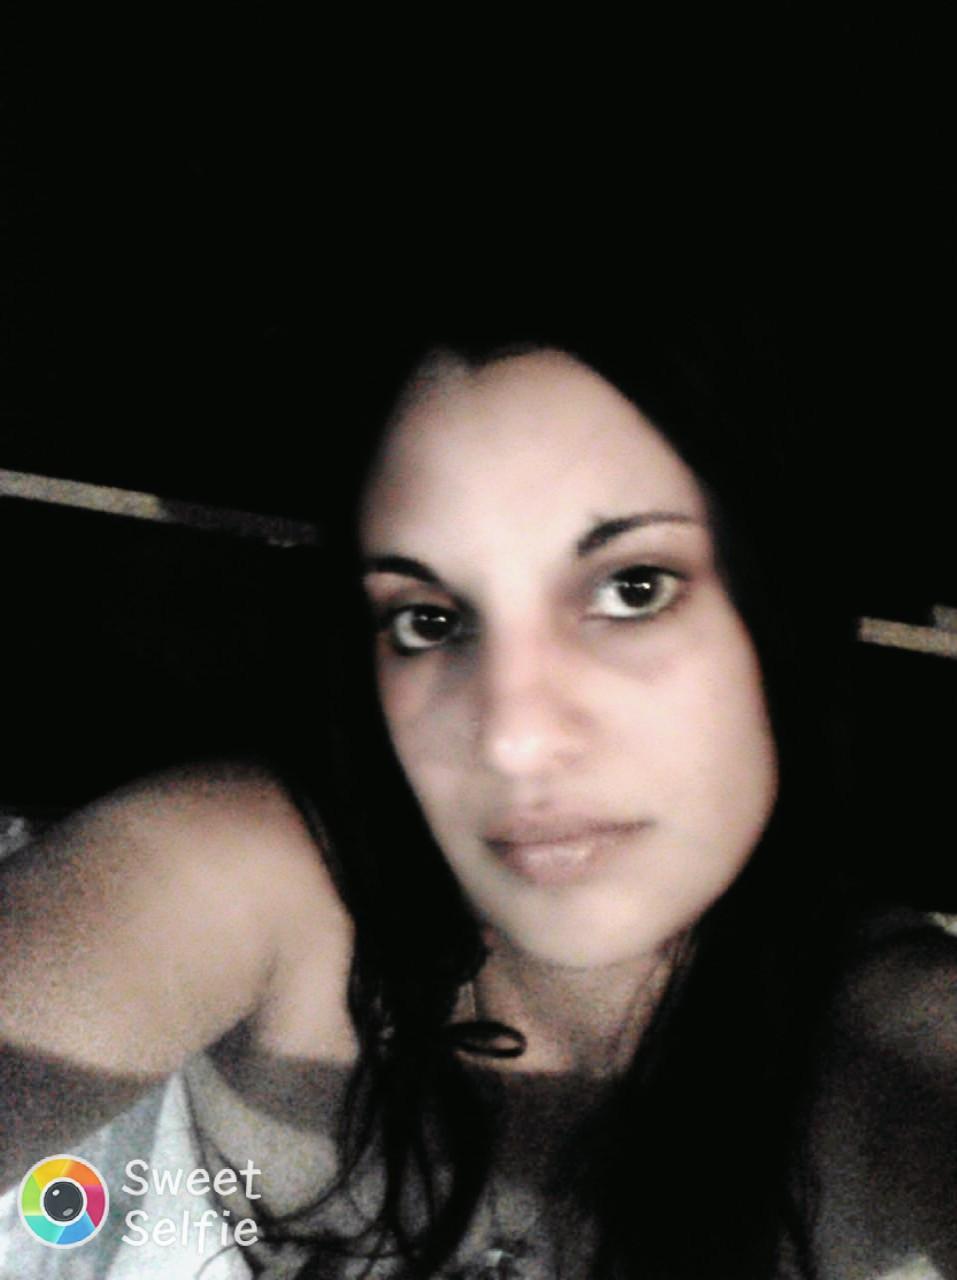 5d055595b7bfc - Mi perfil